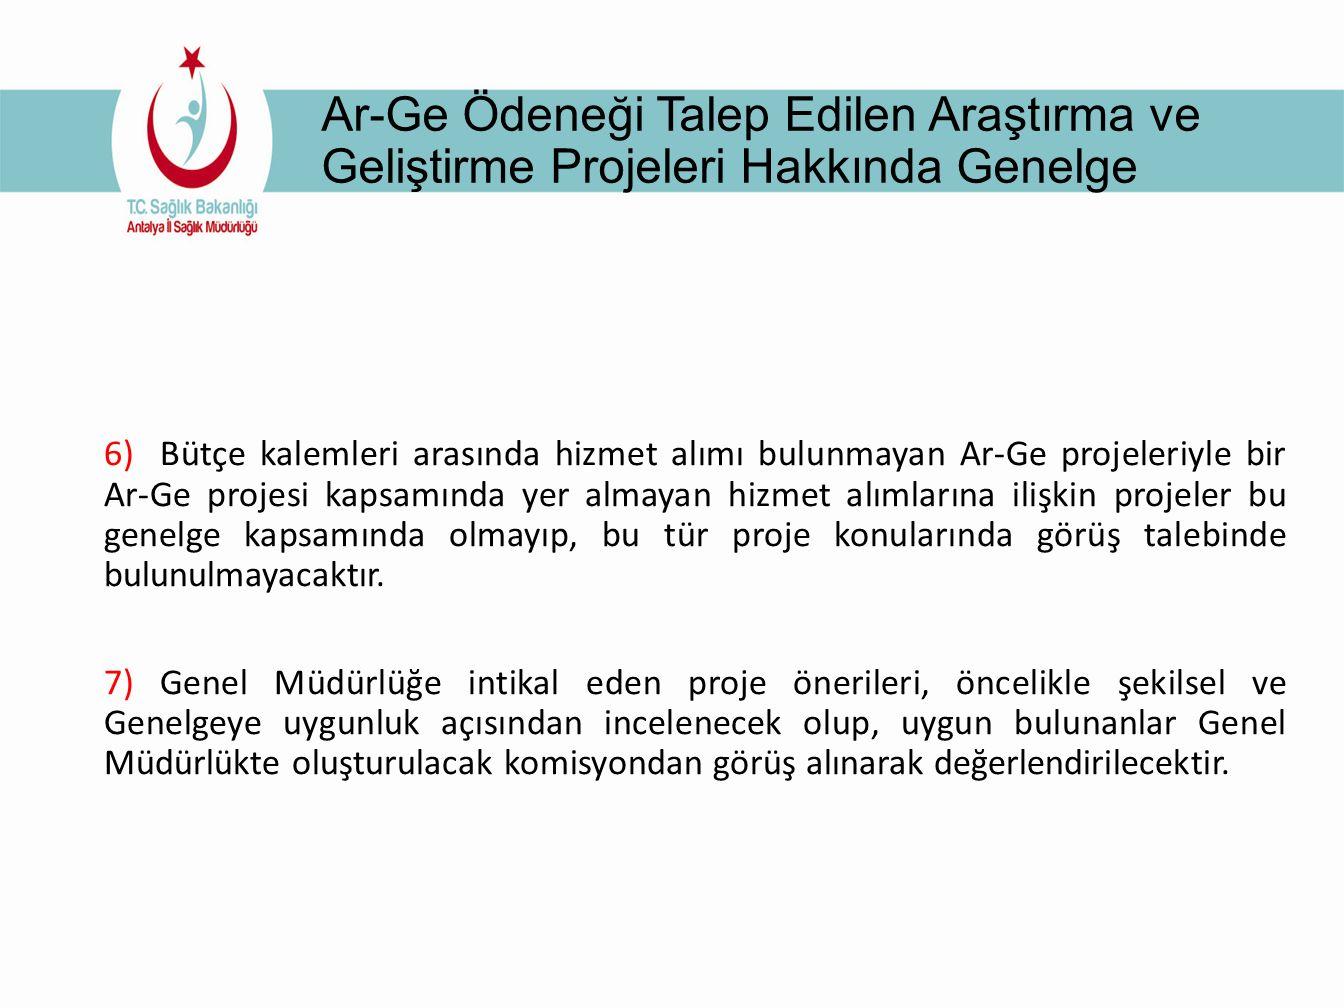 Ar-Ge Ödeneği Talep Edilen Araştırma ve Geliştirme Projeleri Hakkında Genelge 6) Bütçe kalemleri arasında hizmet alımı bulunmayan Ar-Ge projeleriyle bir Ar-Ge projesi kapsamında yer almayan hizmet alımlarına ilişkin projeler bu genelge kapsamında olmayıp, bu tür proje konularında görüş talebinde bulunulmayacaktır.